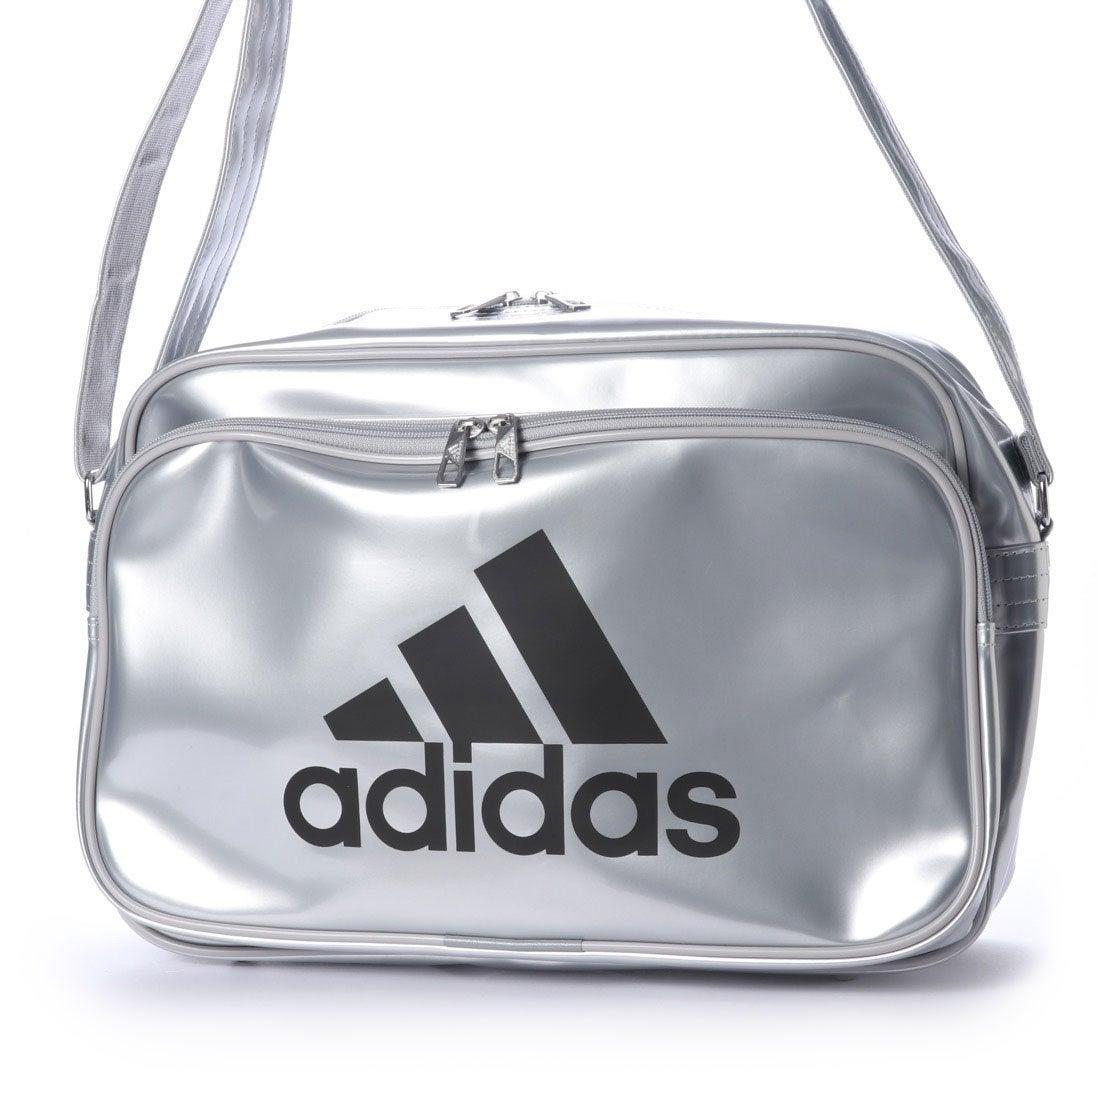 アディダス adidas エナメルバッグ エナメルバッグM DM8759 583 (シルバー) レディース メンズ